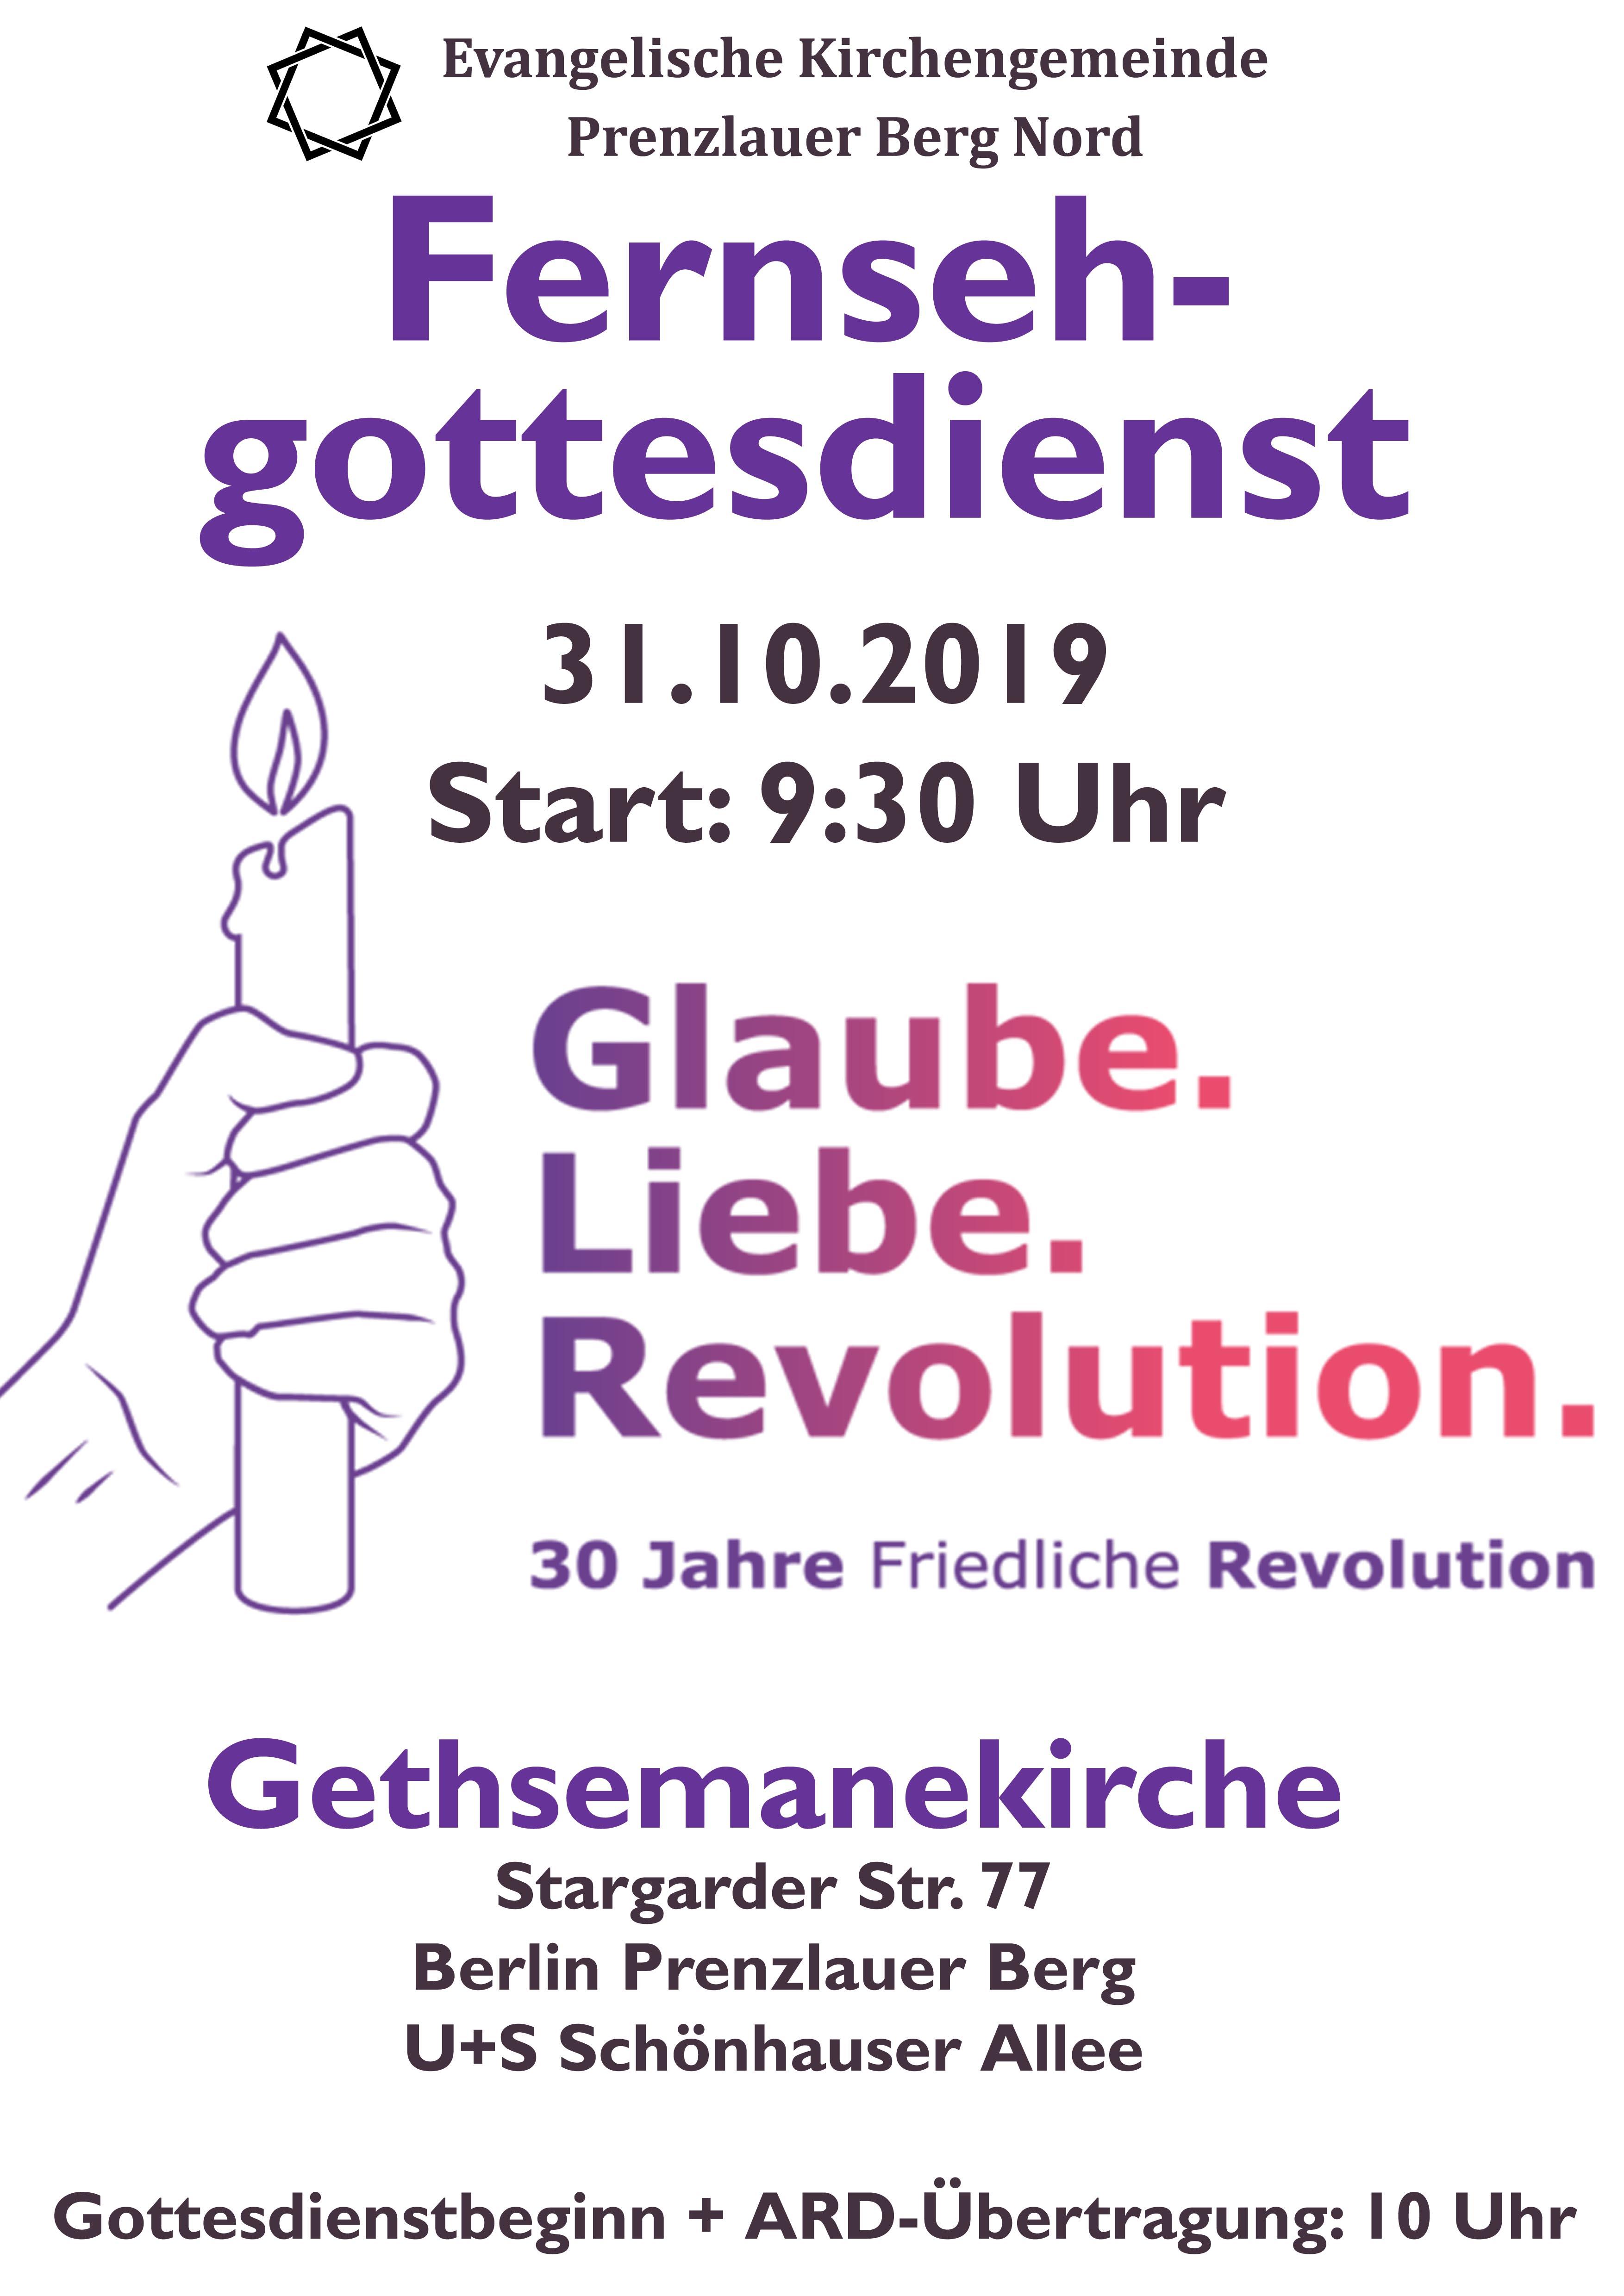 ARD-Fernsehgottesdienst zum Reformationstag, 31.10.2019 10 Uhr